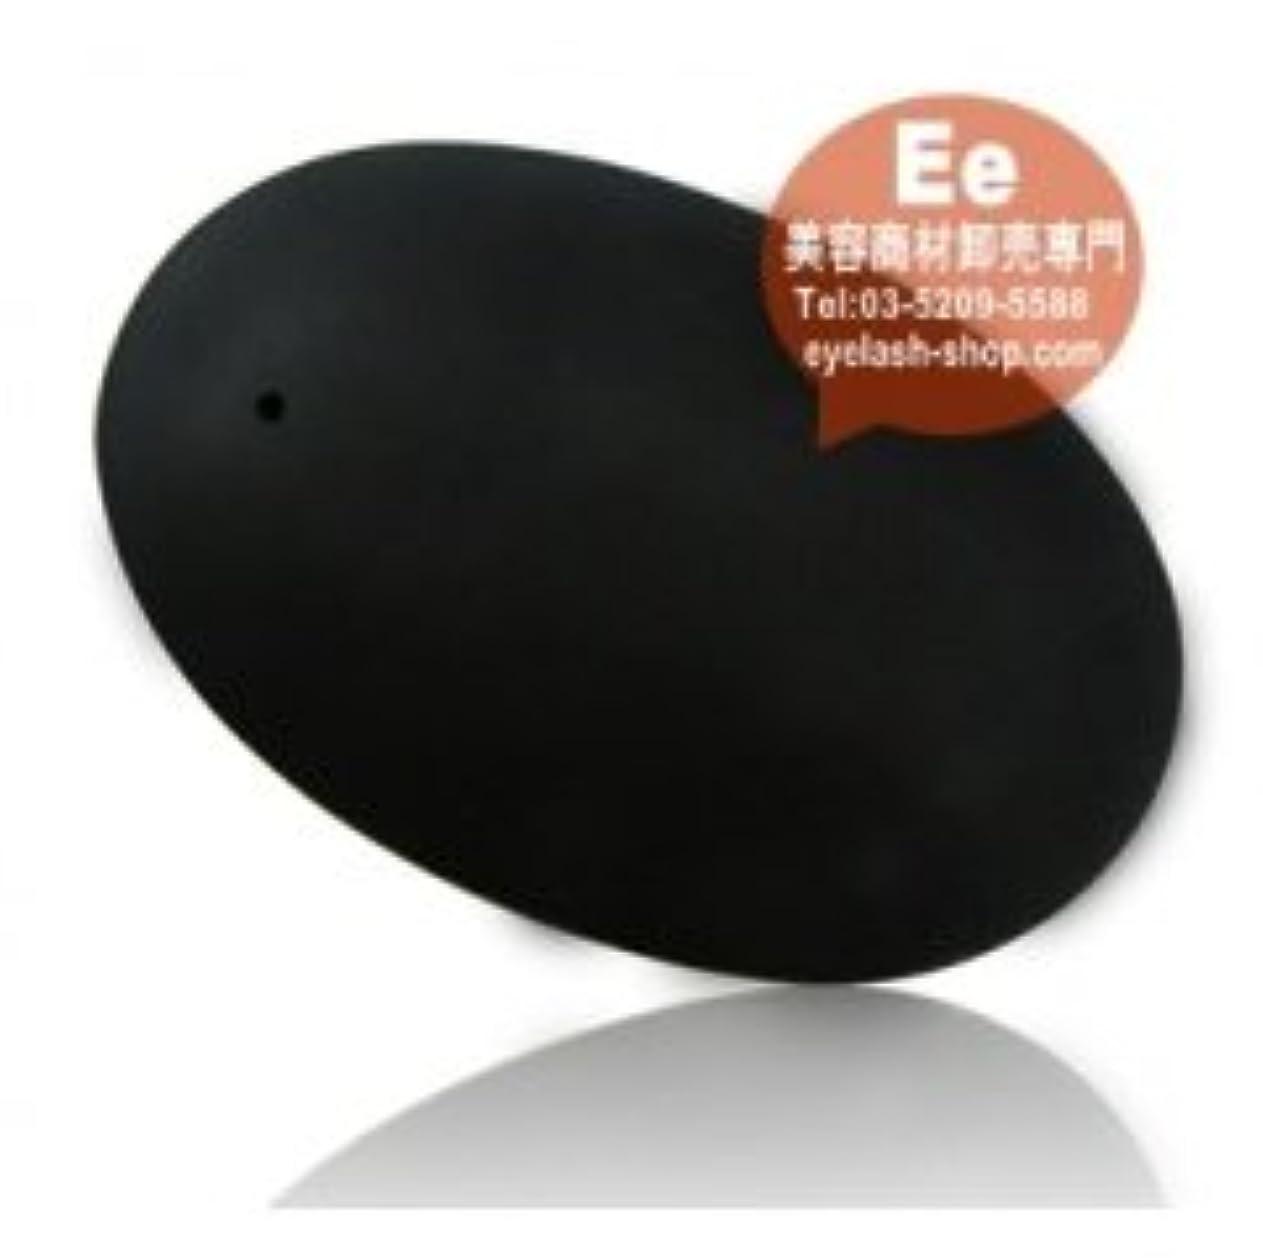 ドリンク試す偏差【100%本物保障】最高級天然石美容カッサプレート 天然石カッサ板 S-9